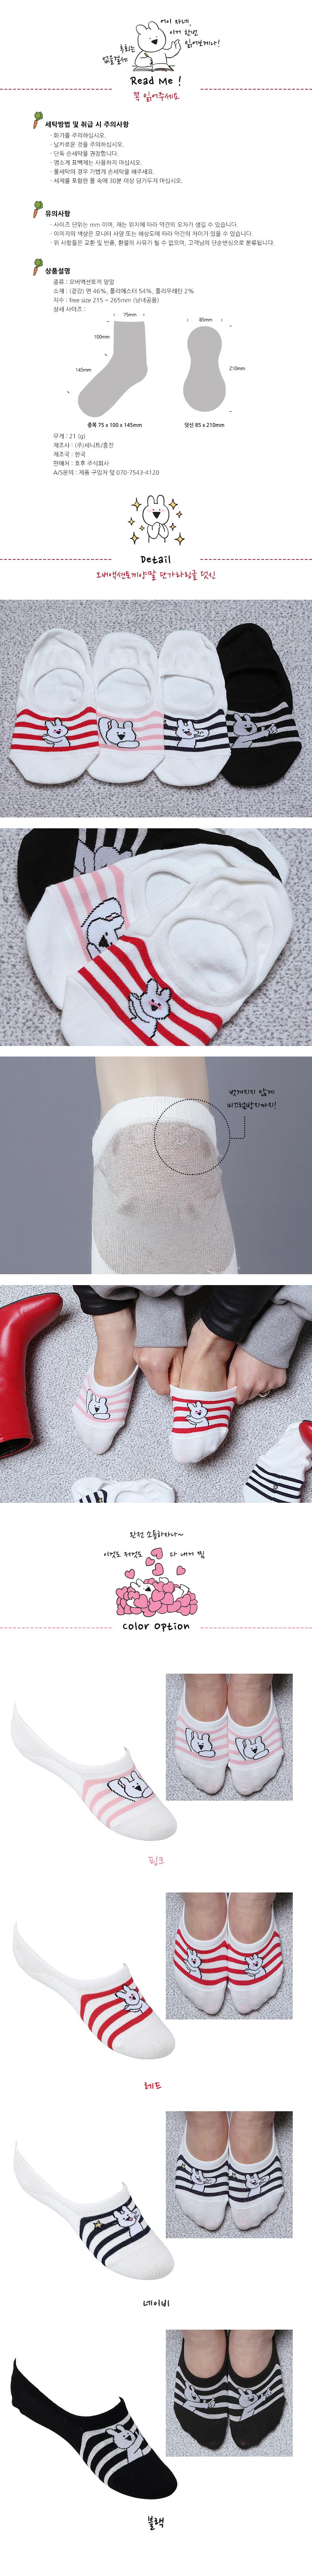 오버액션토끼 양말 여자 남자 단가라링글 덧신 - 오버액션토끼, 1,900원, 여성양말, 패션양말